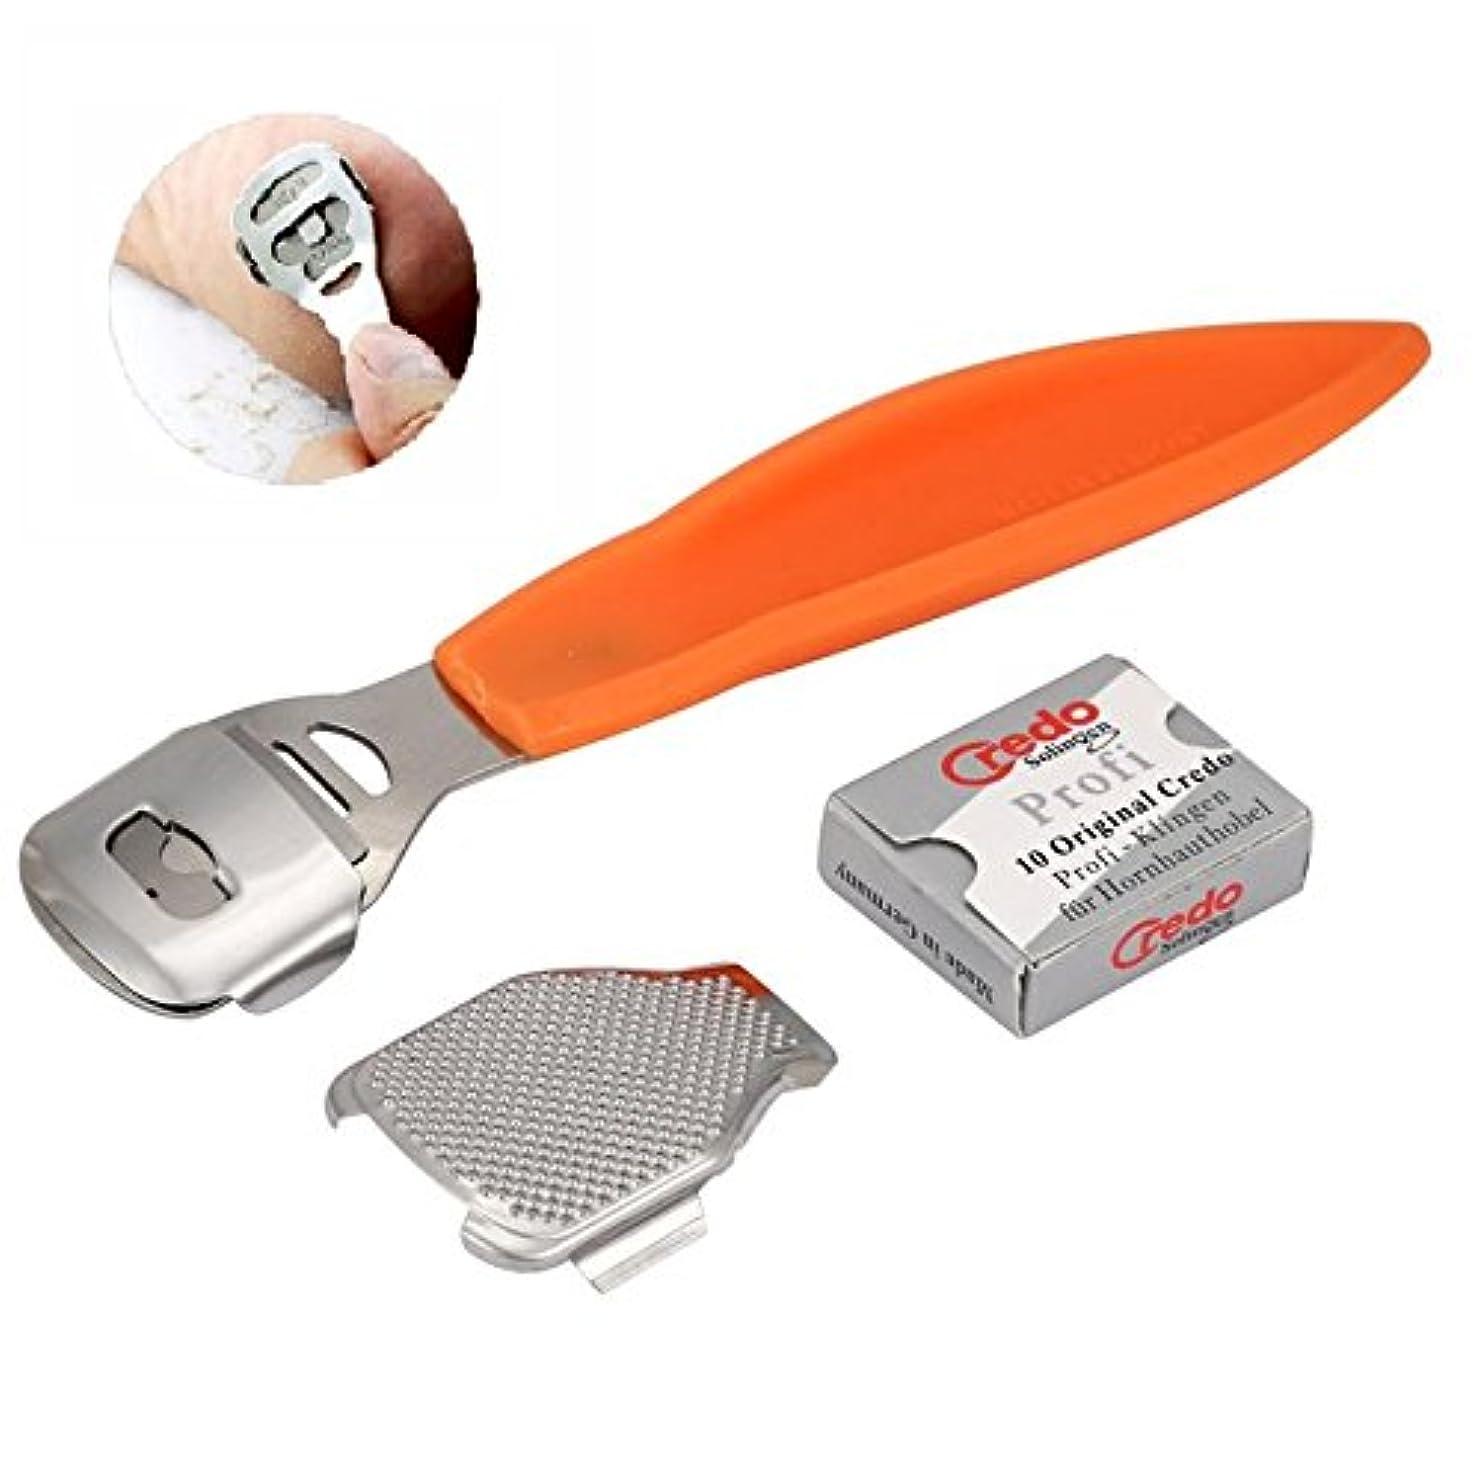 ハーブ木曜日迷信Foot File Set Callus Cuticle Remover Hard Dead Skin Shaver Scraper Foot File Blades Pedicure Tools Set Feet Care + 10 x Blades